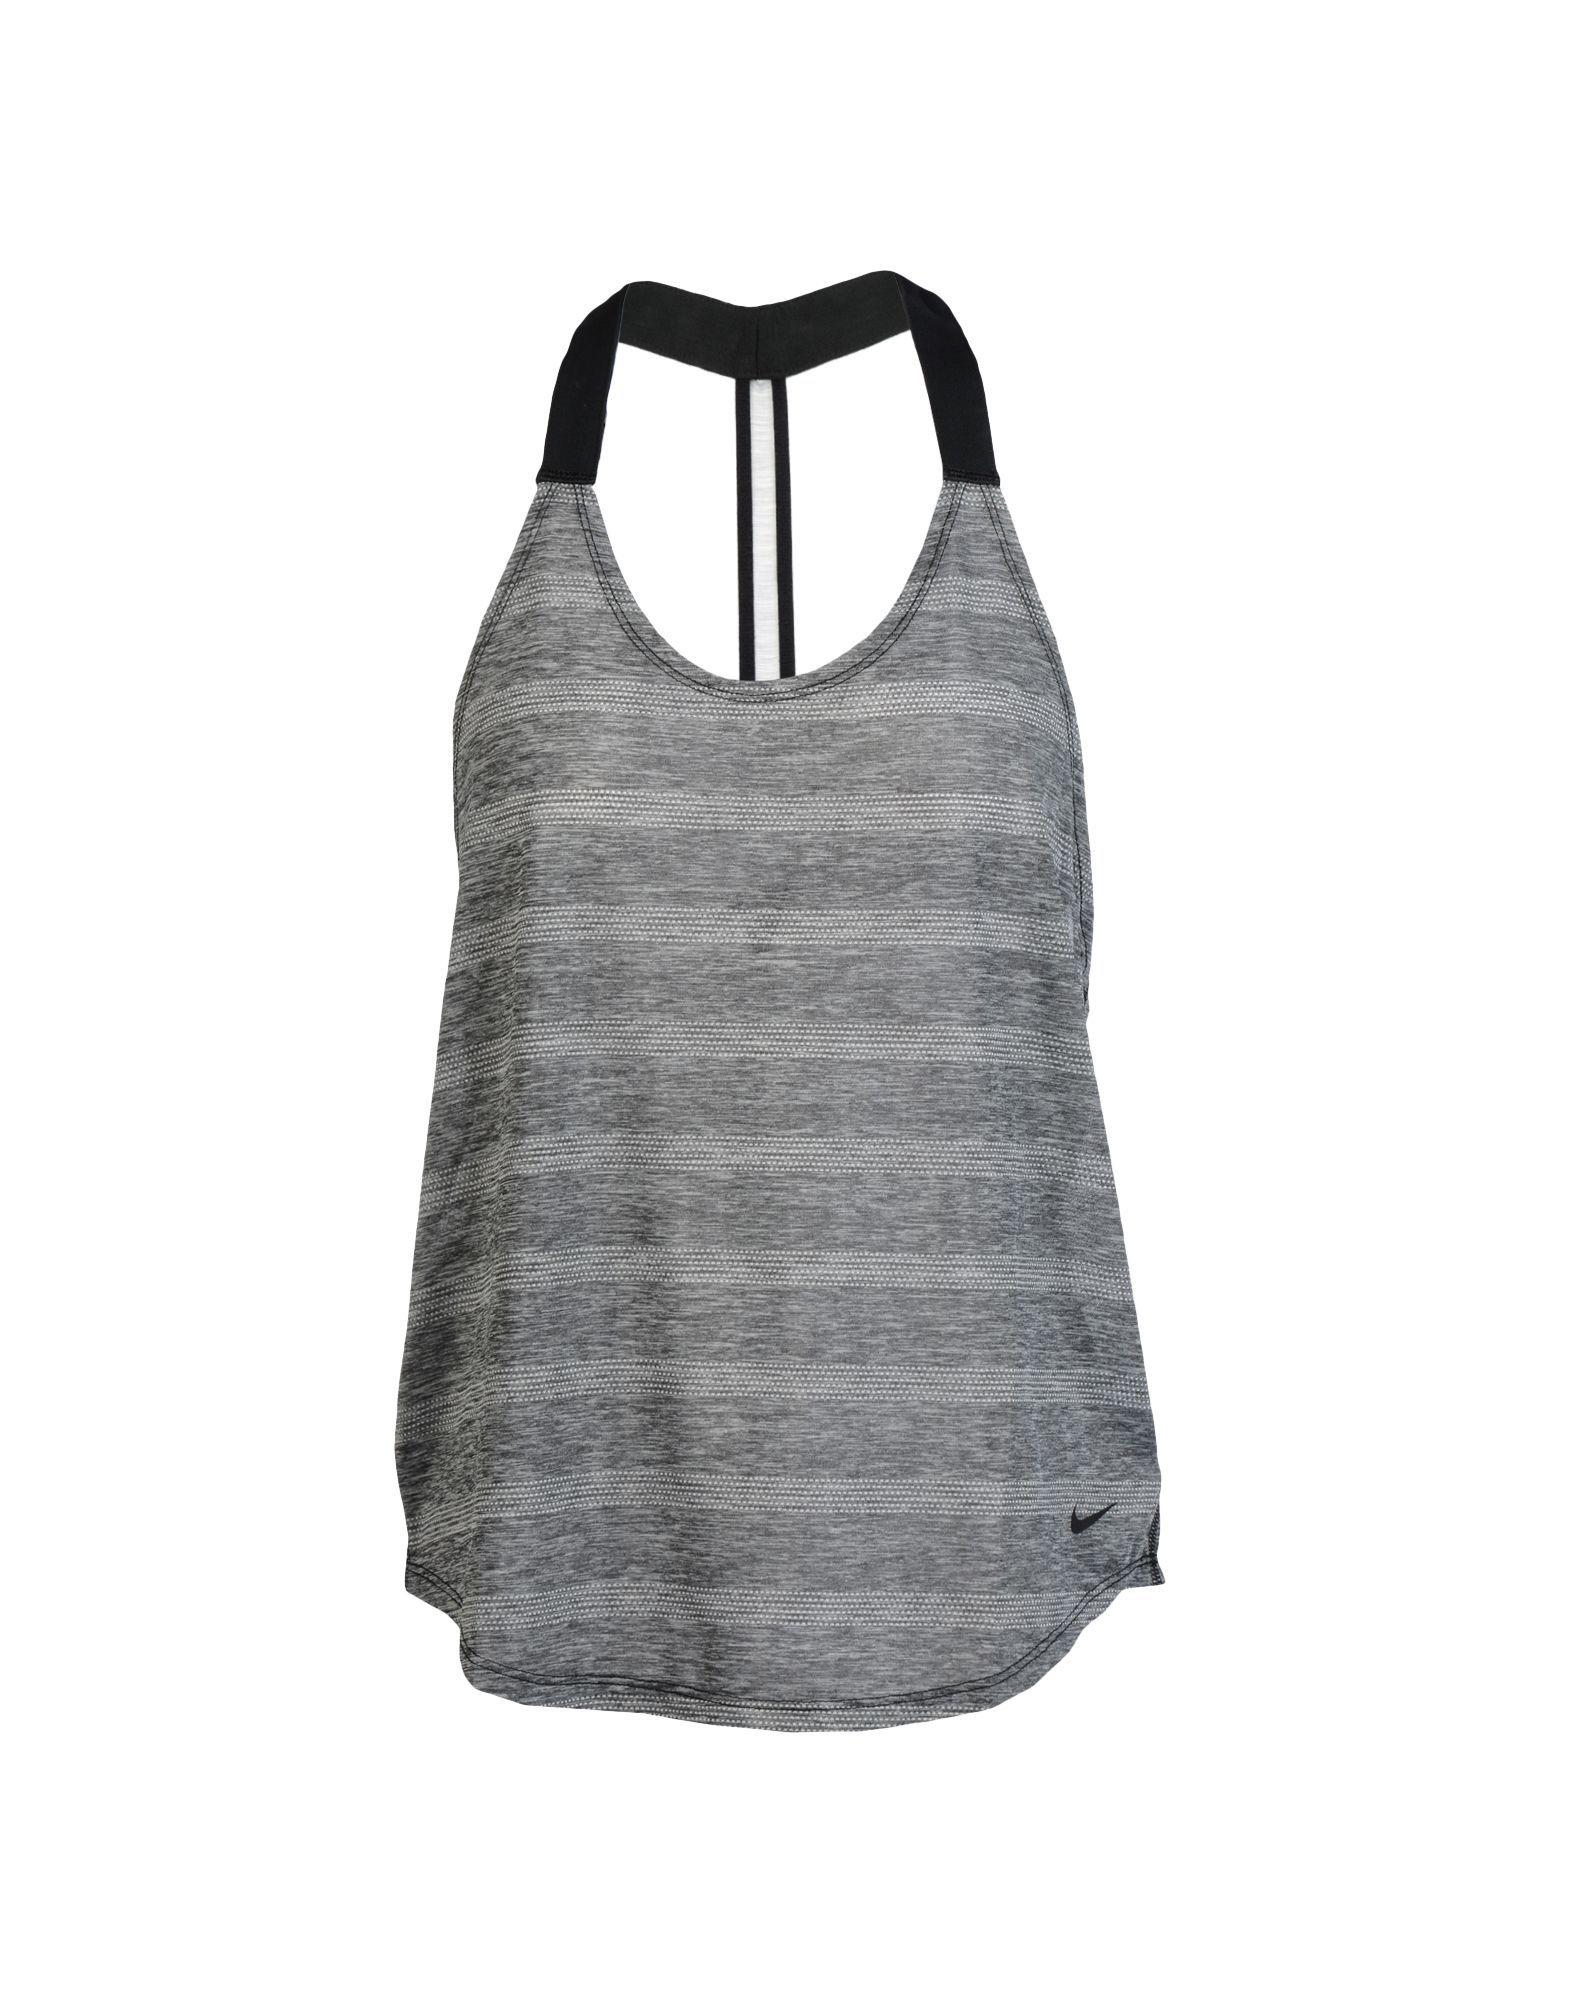 Nike Grey Top